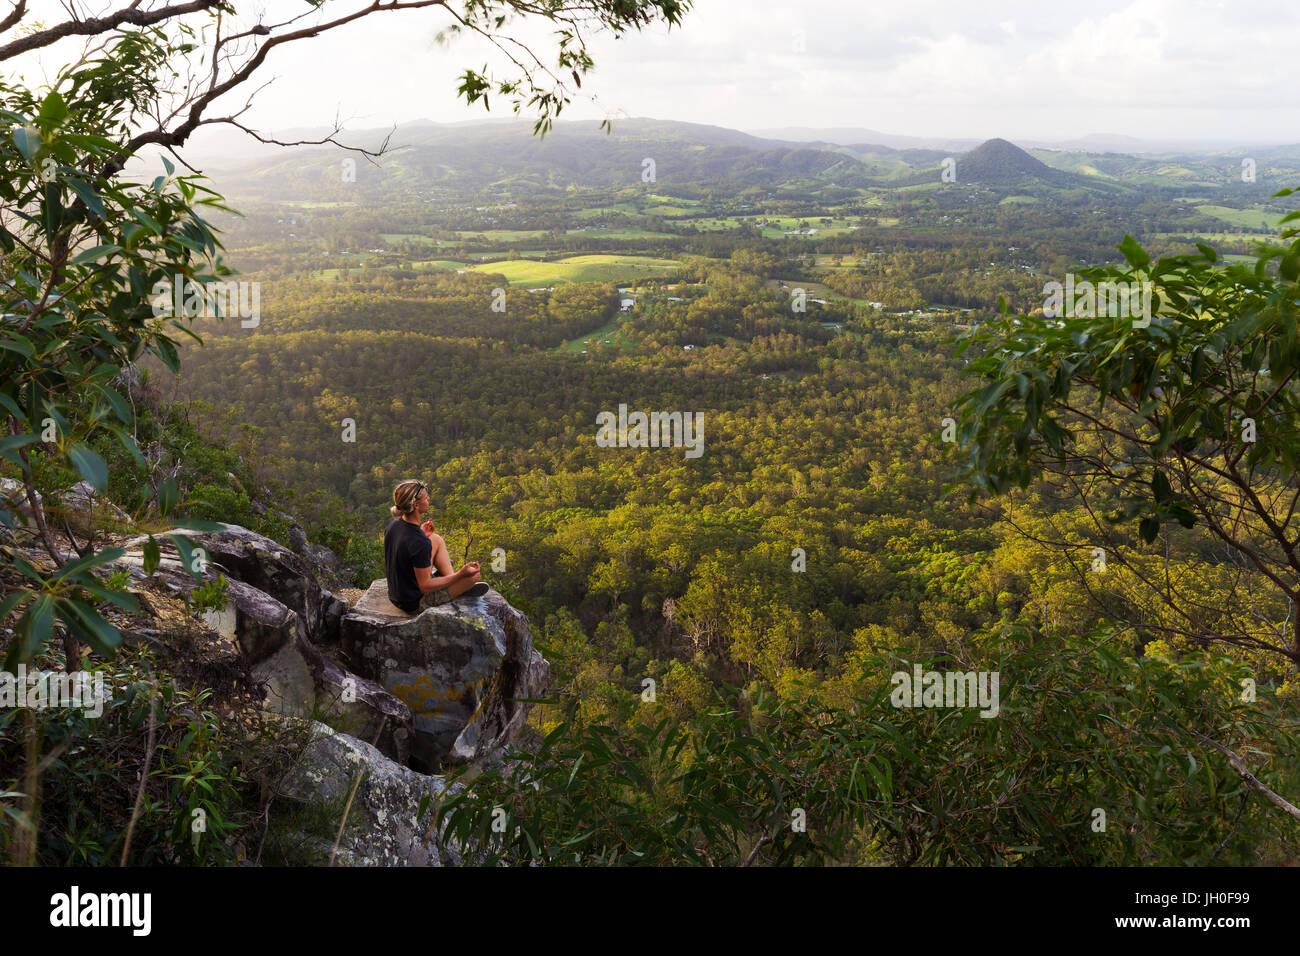 Un hombre joven está sentado tranquilamente, meditando en la cima de una montaña con vistas expansivas Imagen De Stock